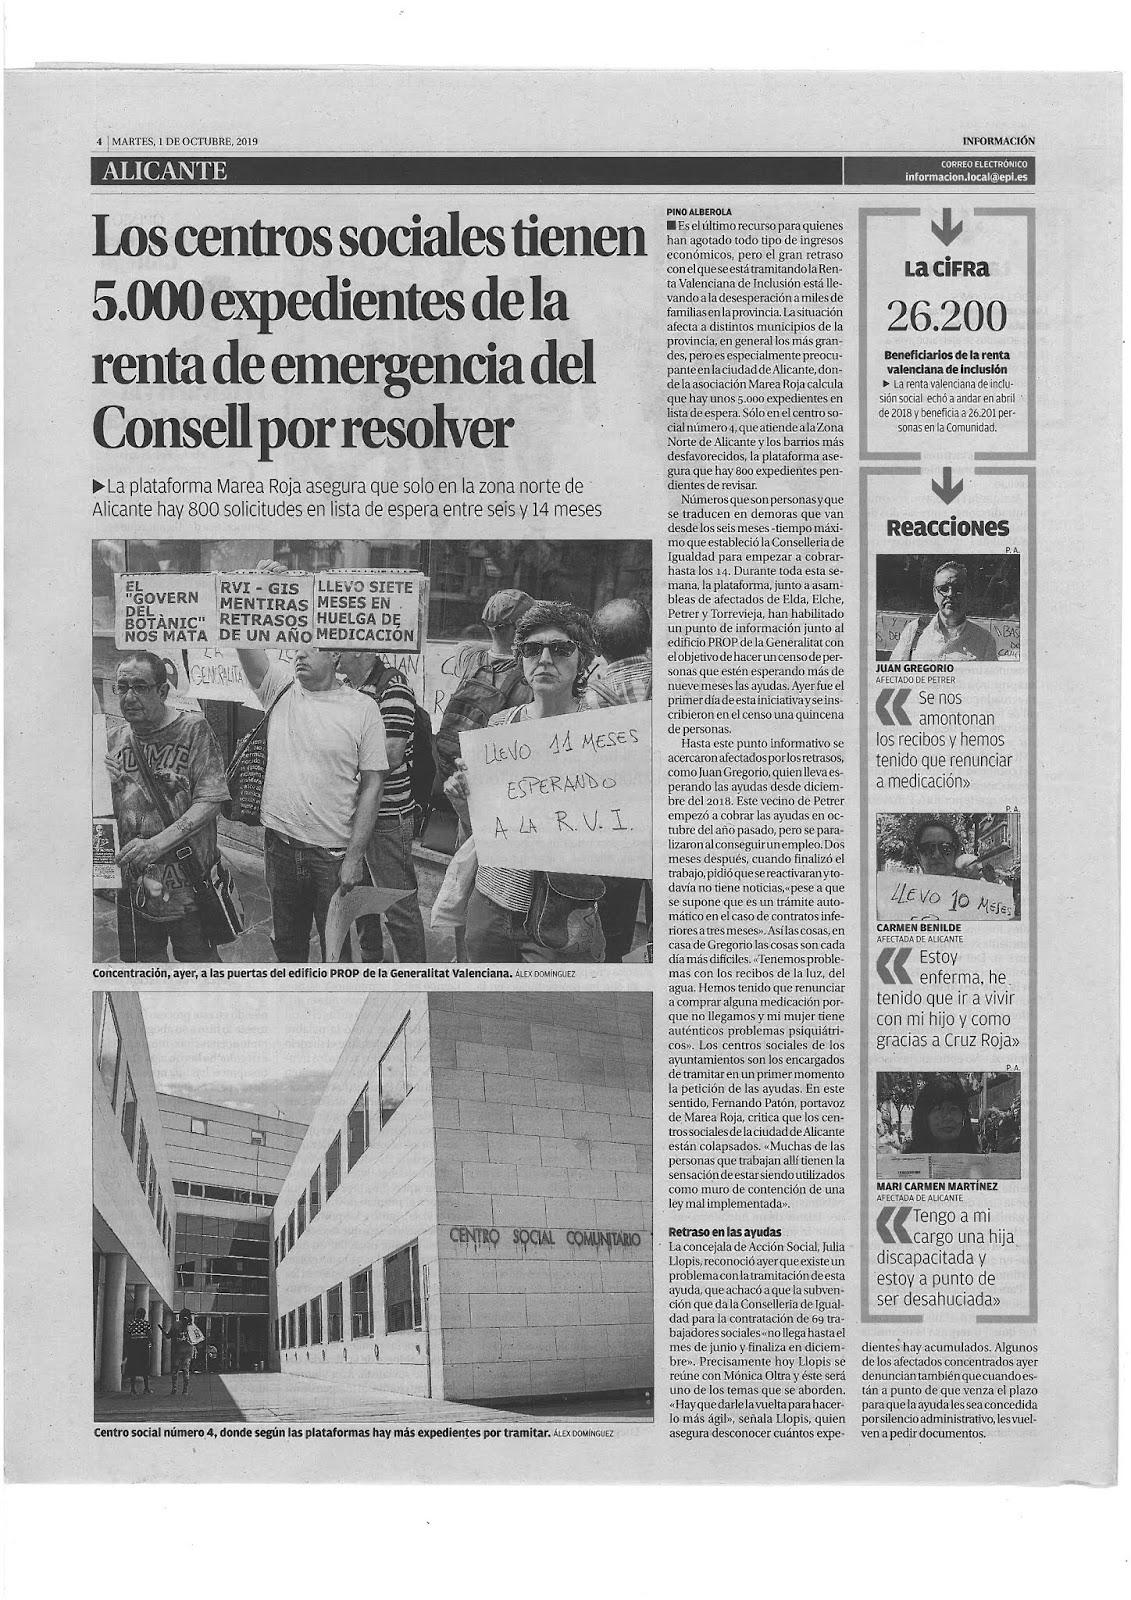 Página del periódico